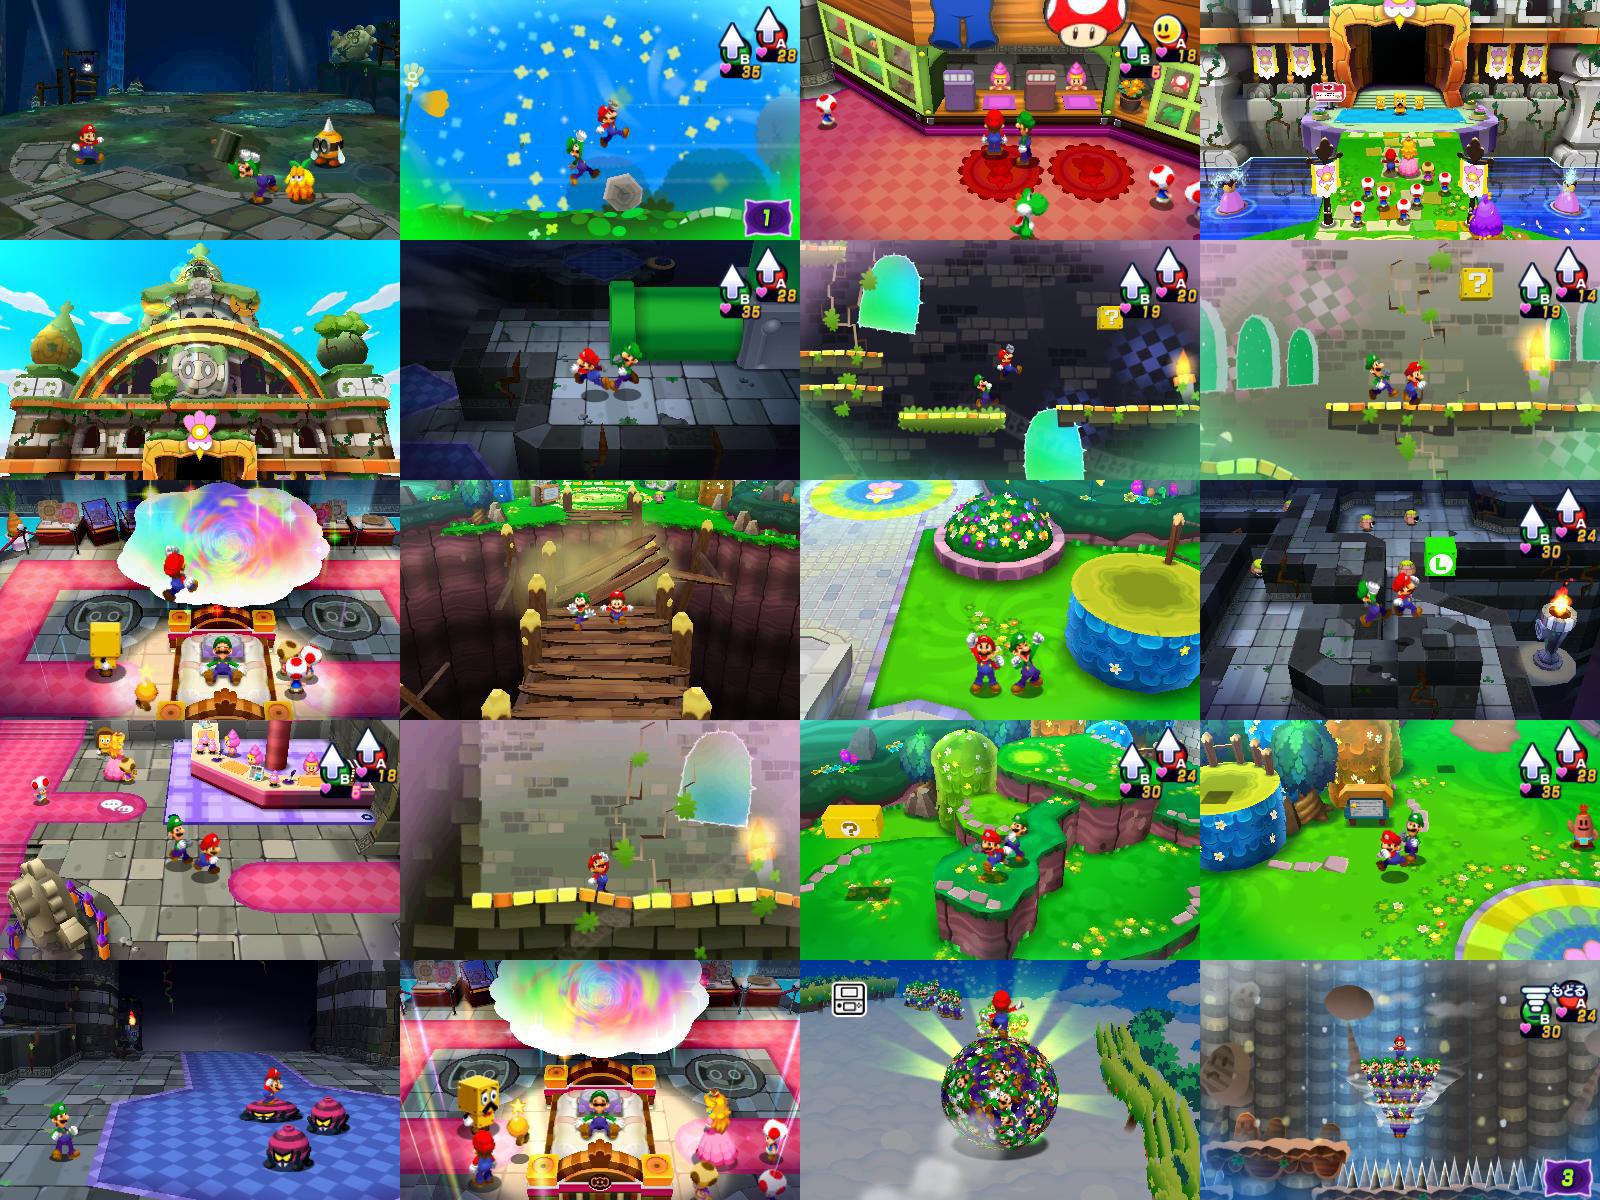 JUEGO 3DS MARIO AND LUIGI DREAM TEAM